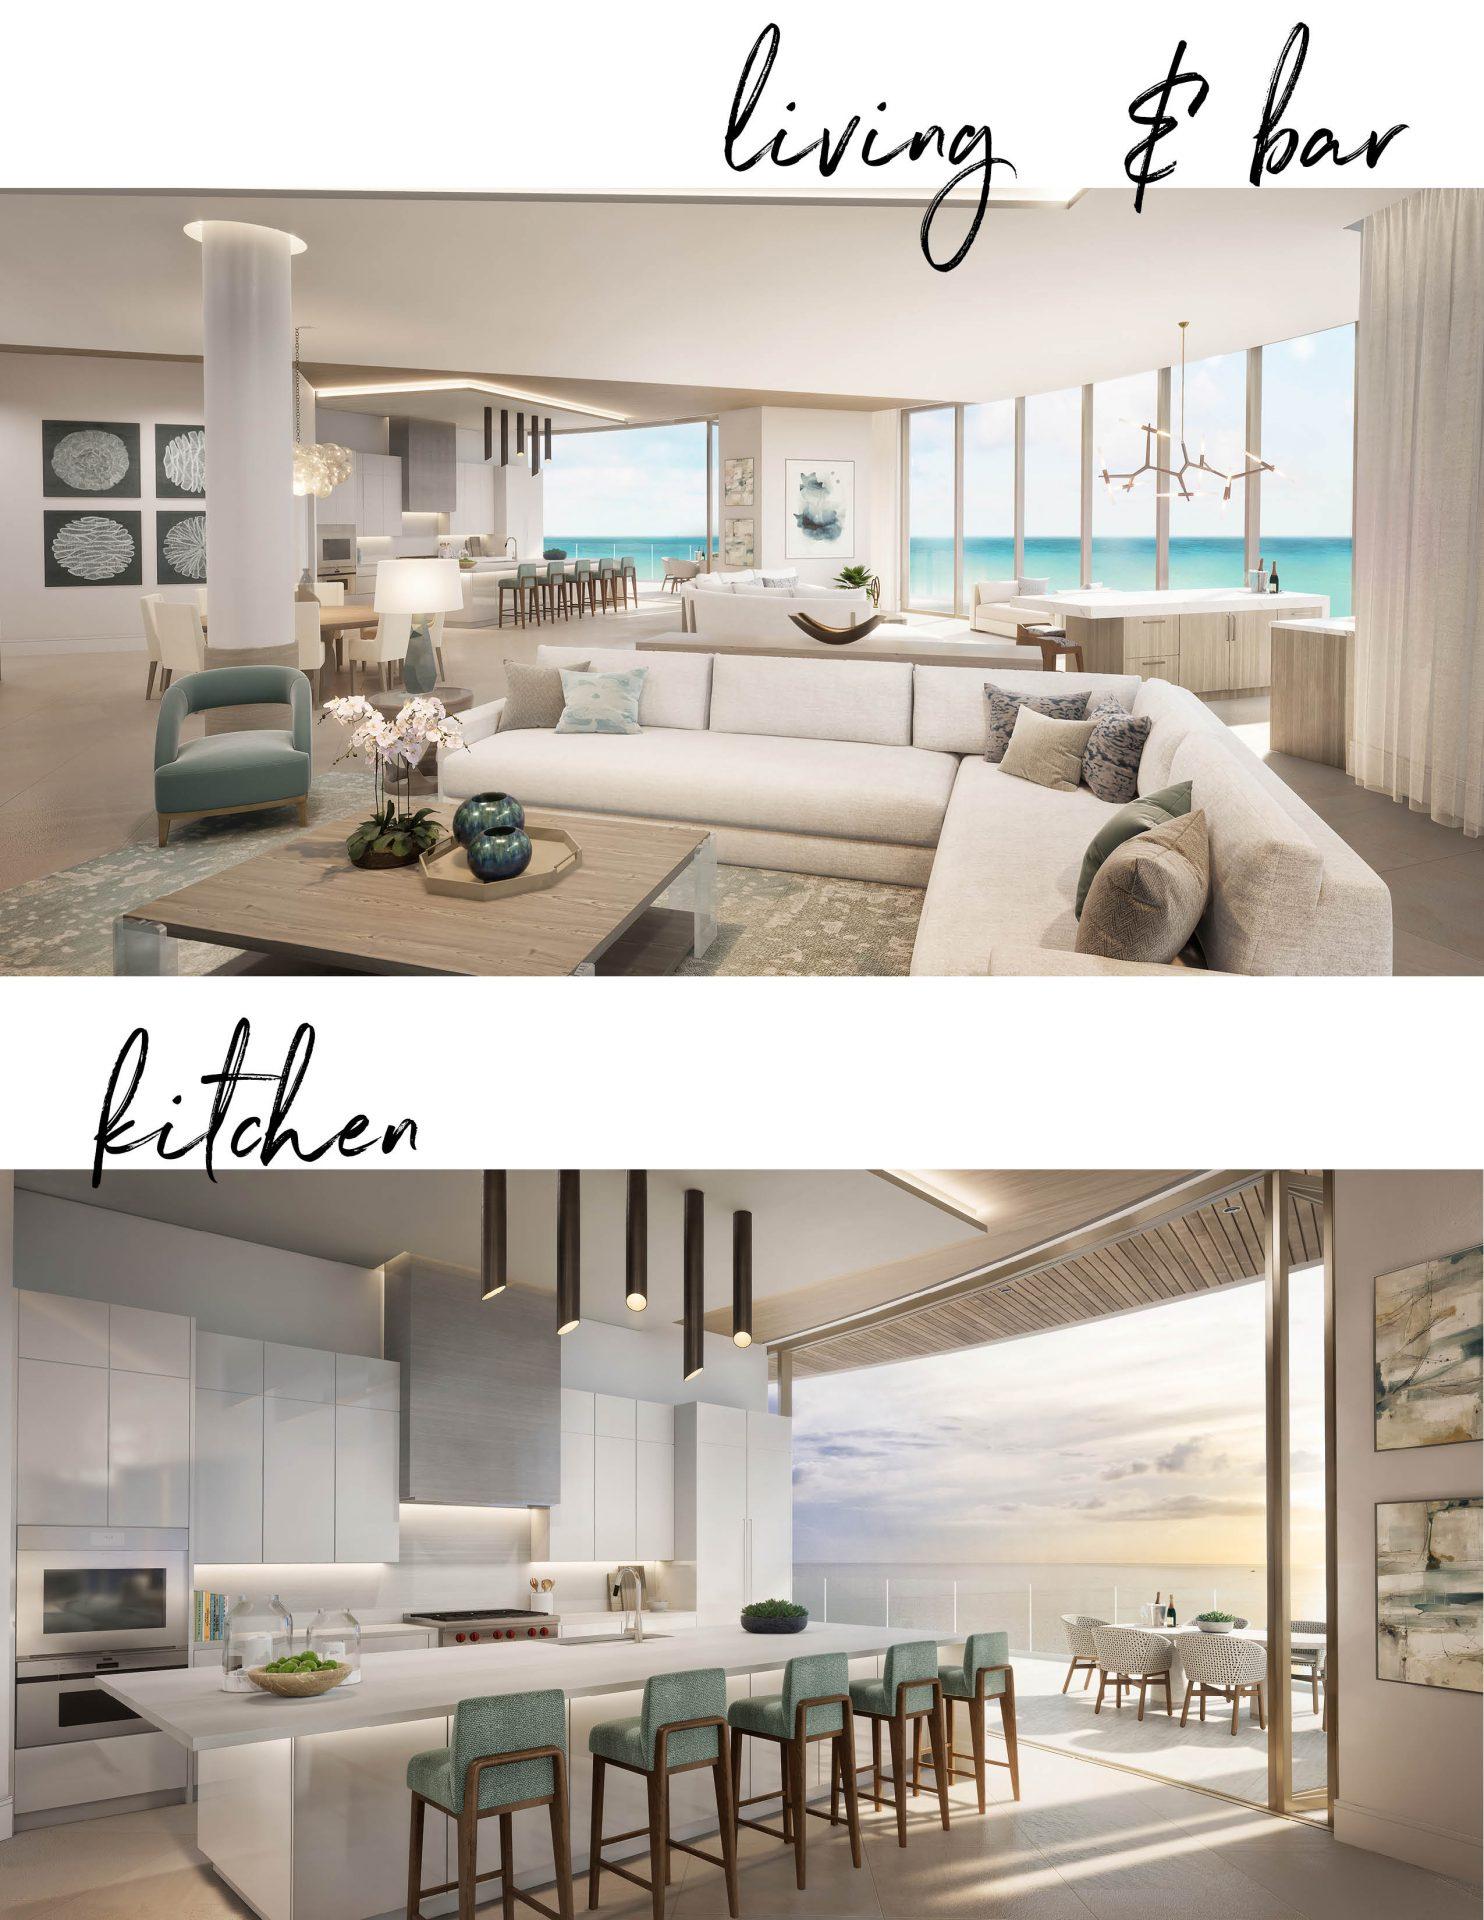 Living room bar kitchen